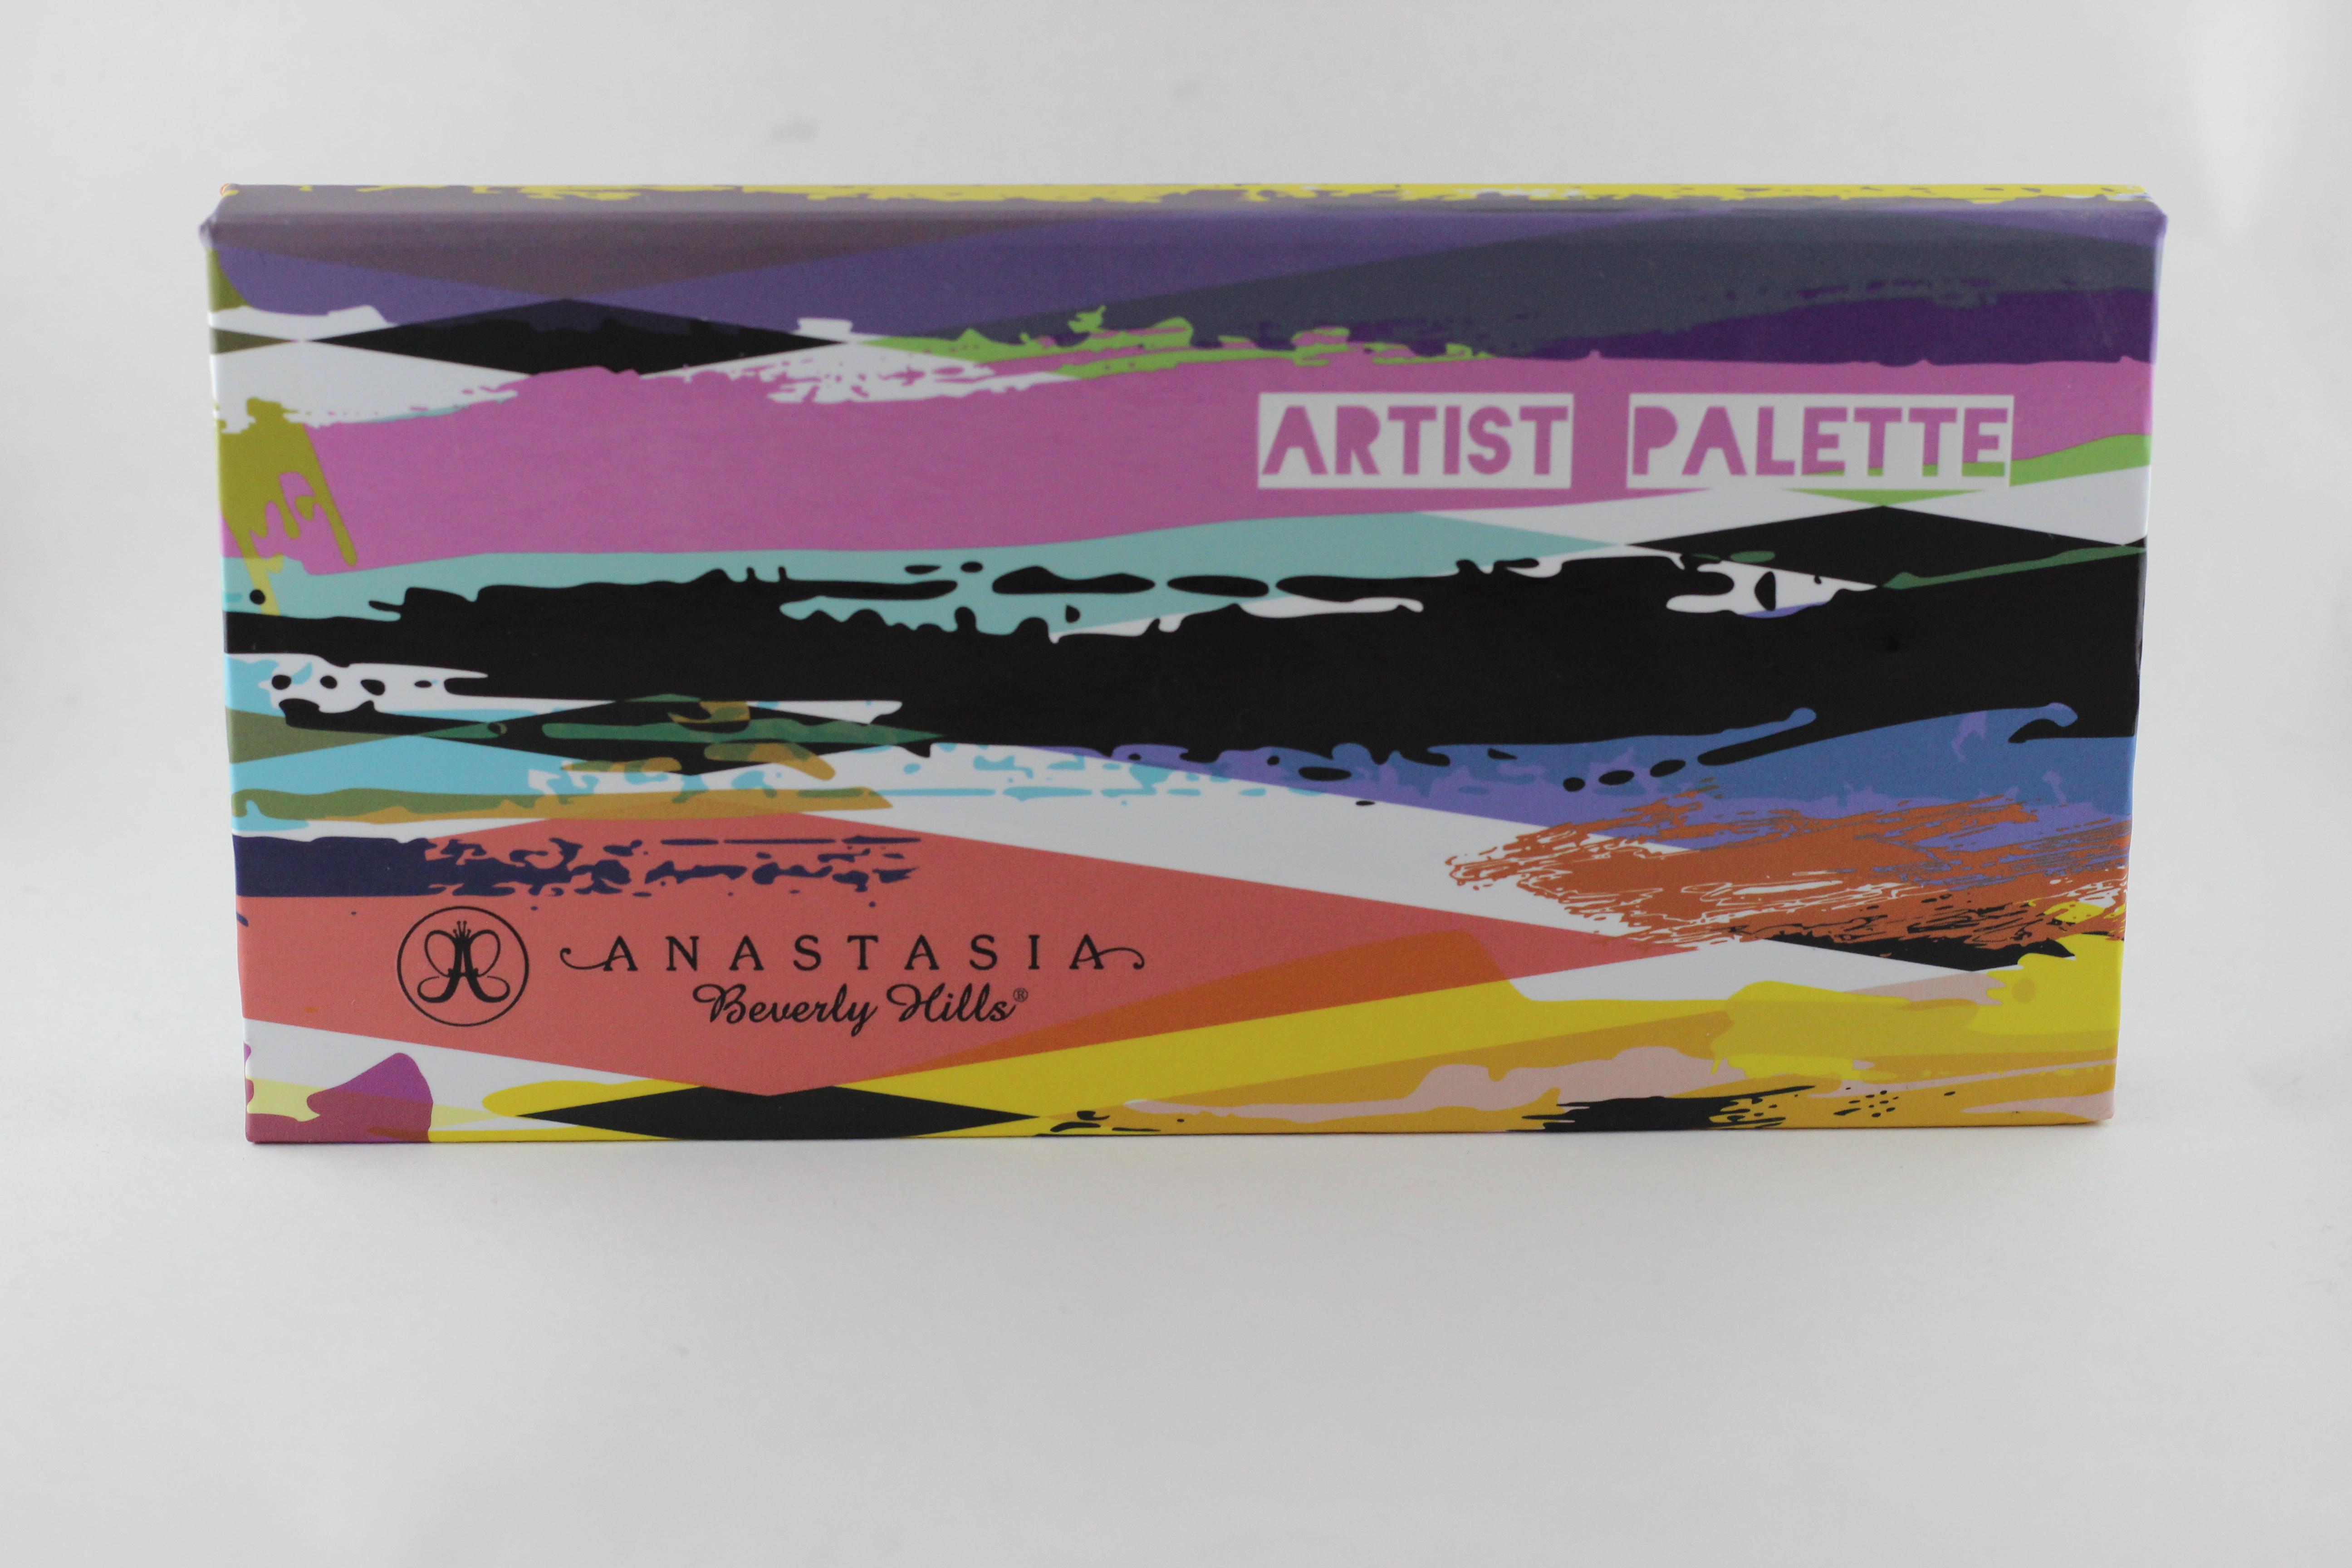 Anastasia Beverly Hills 'Artist' Palette